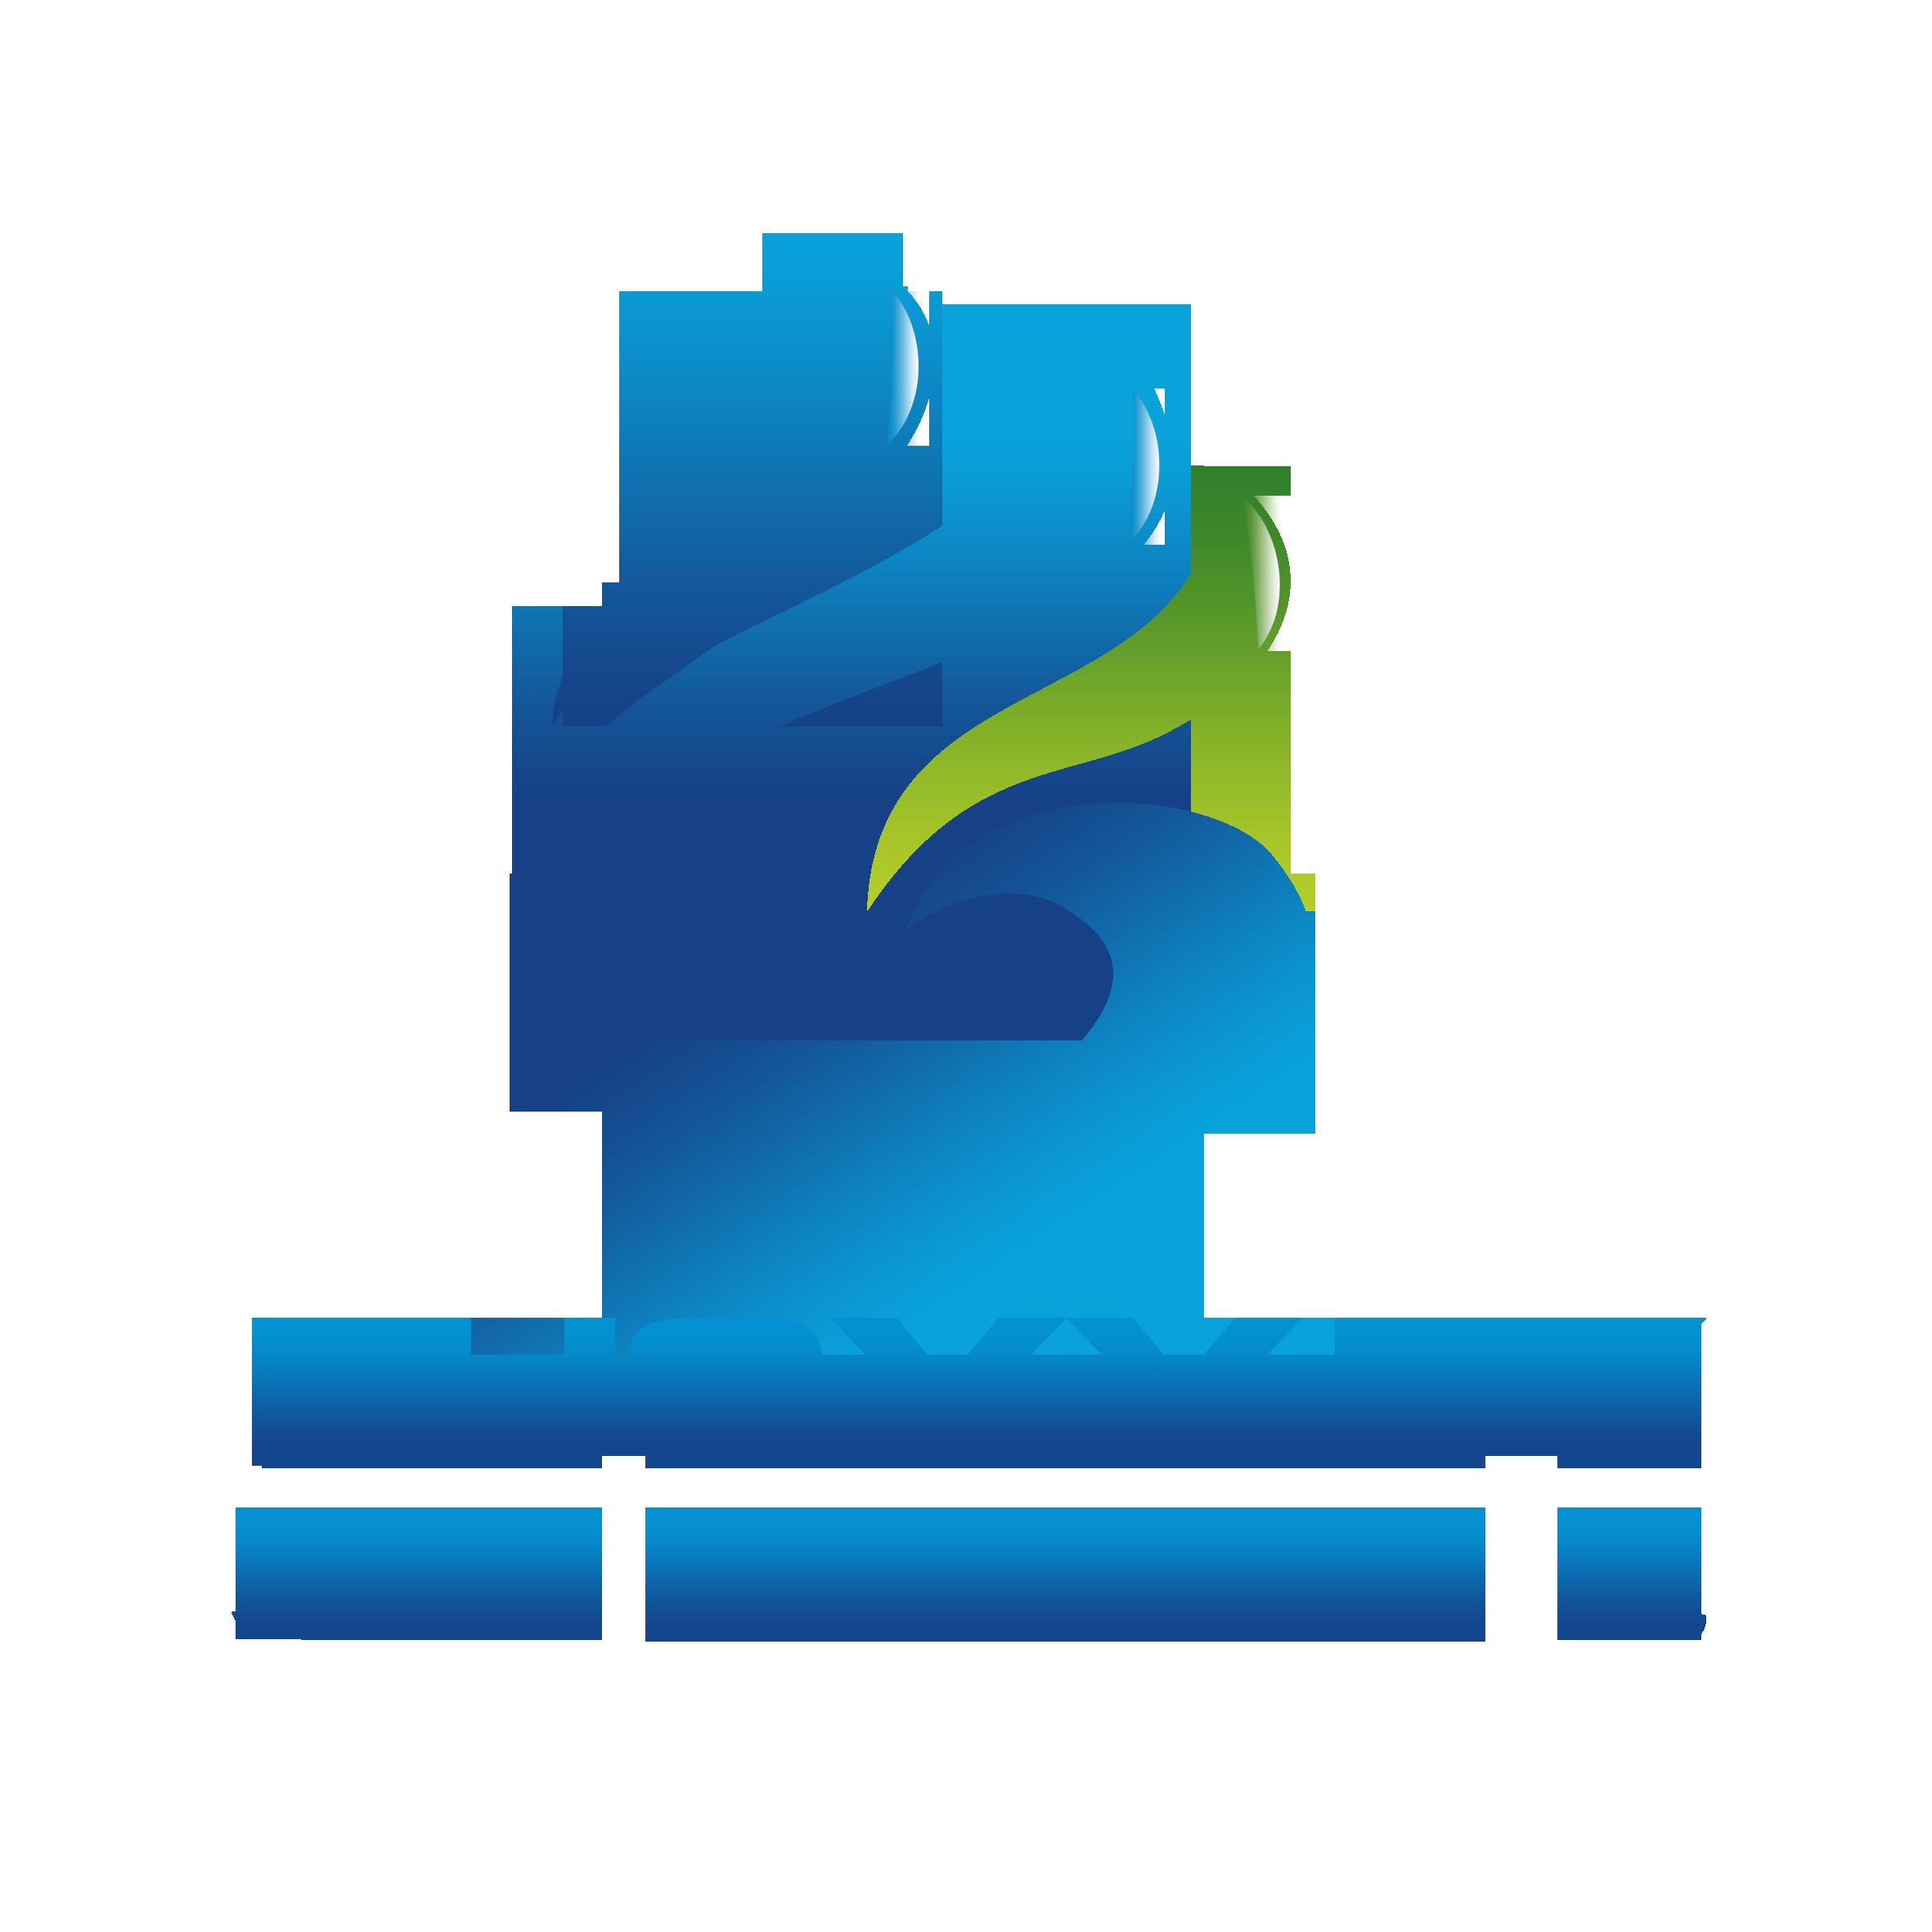 中国锂电池铝塑膜行业发展潜力及投资策略建议报告201